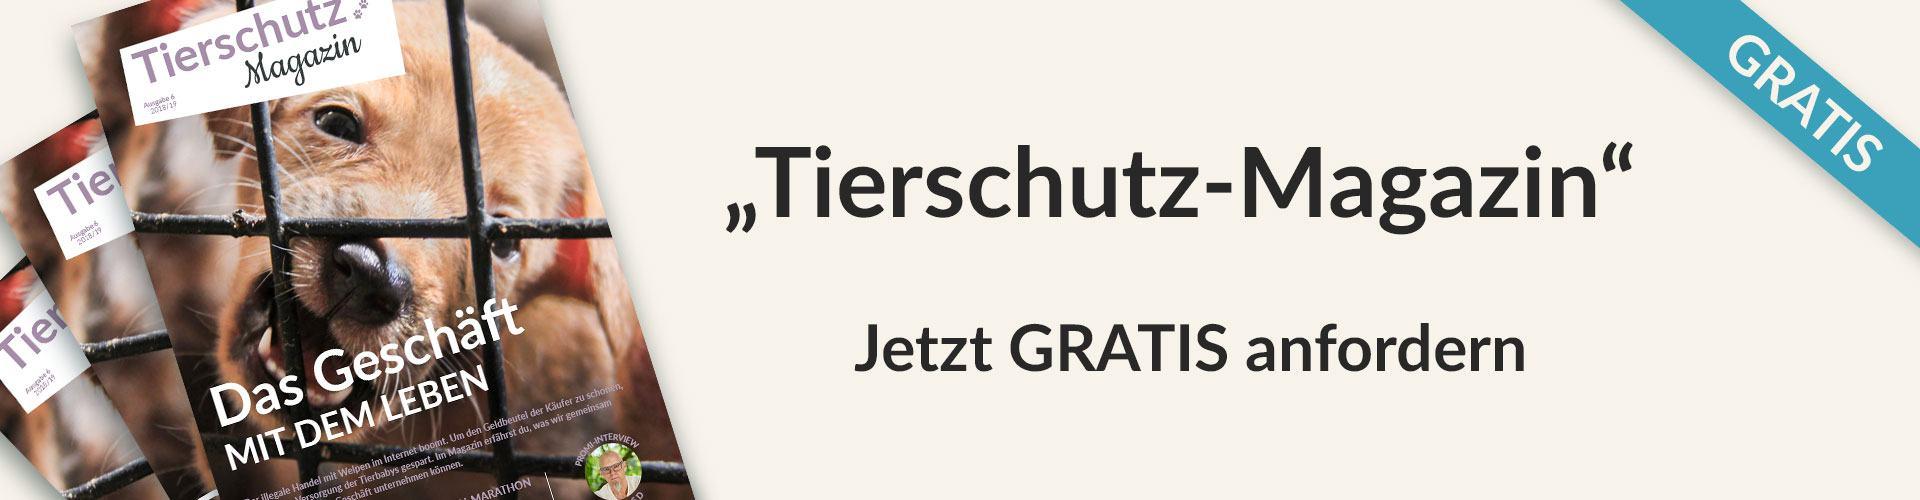 tierschutz-magazin-header_2